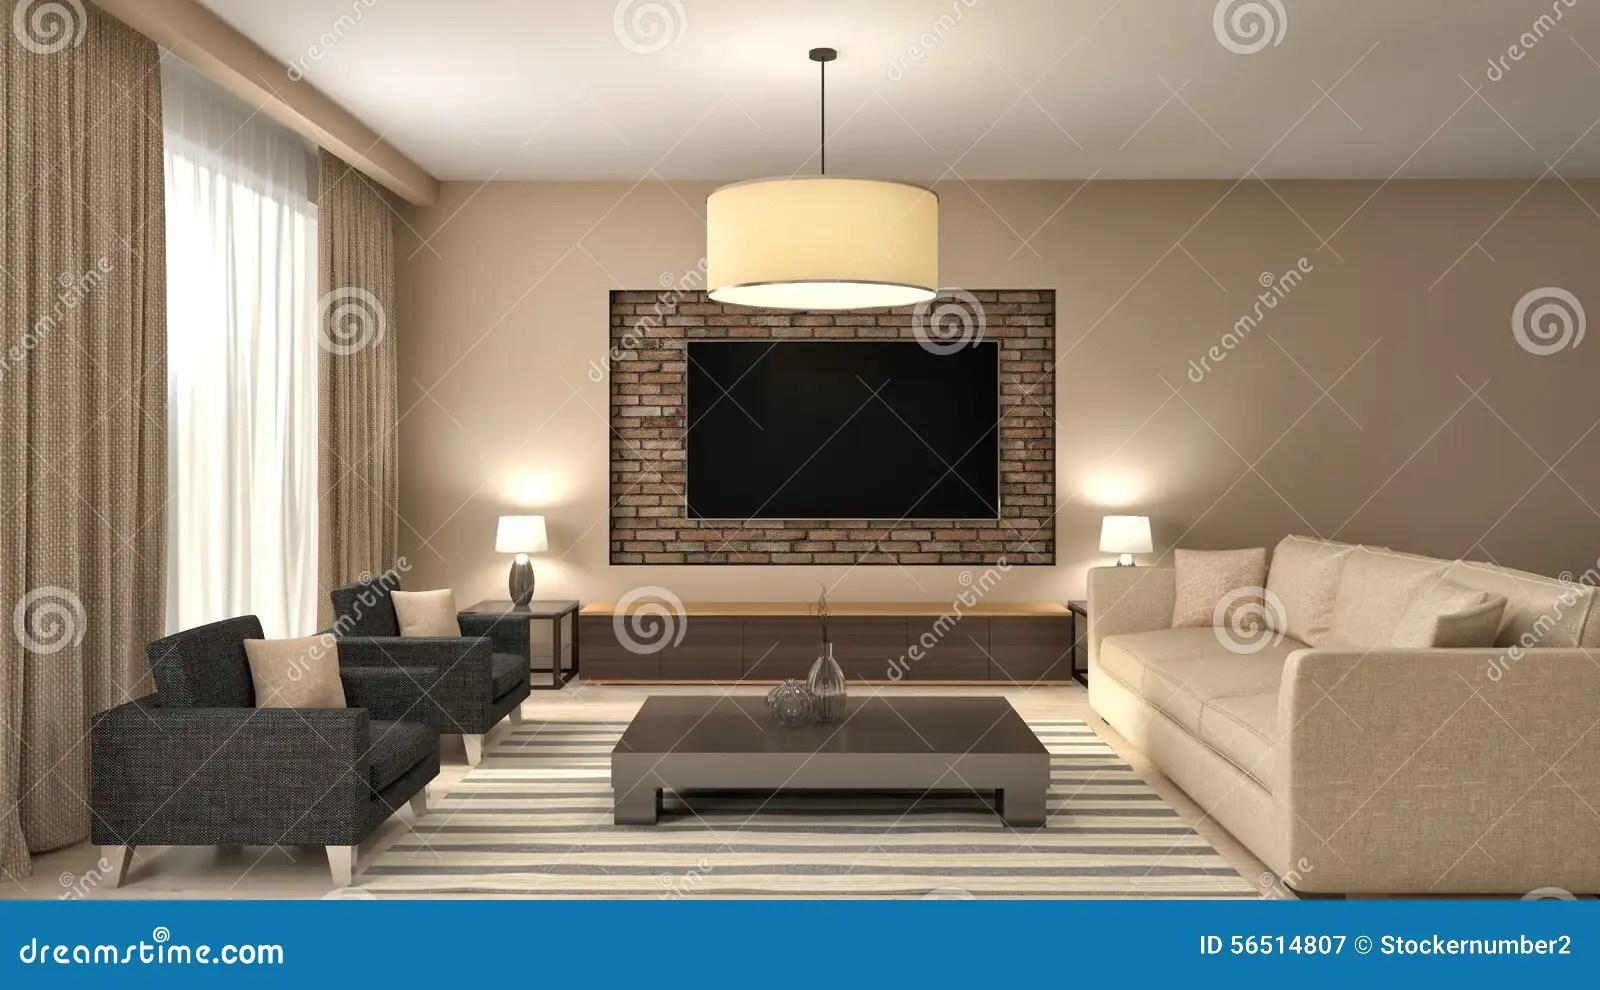 Modern Brown Living Room Interior Design 3d Illustration